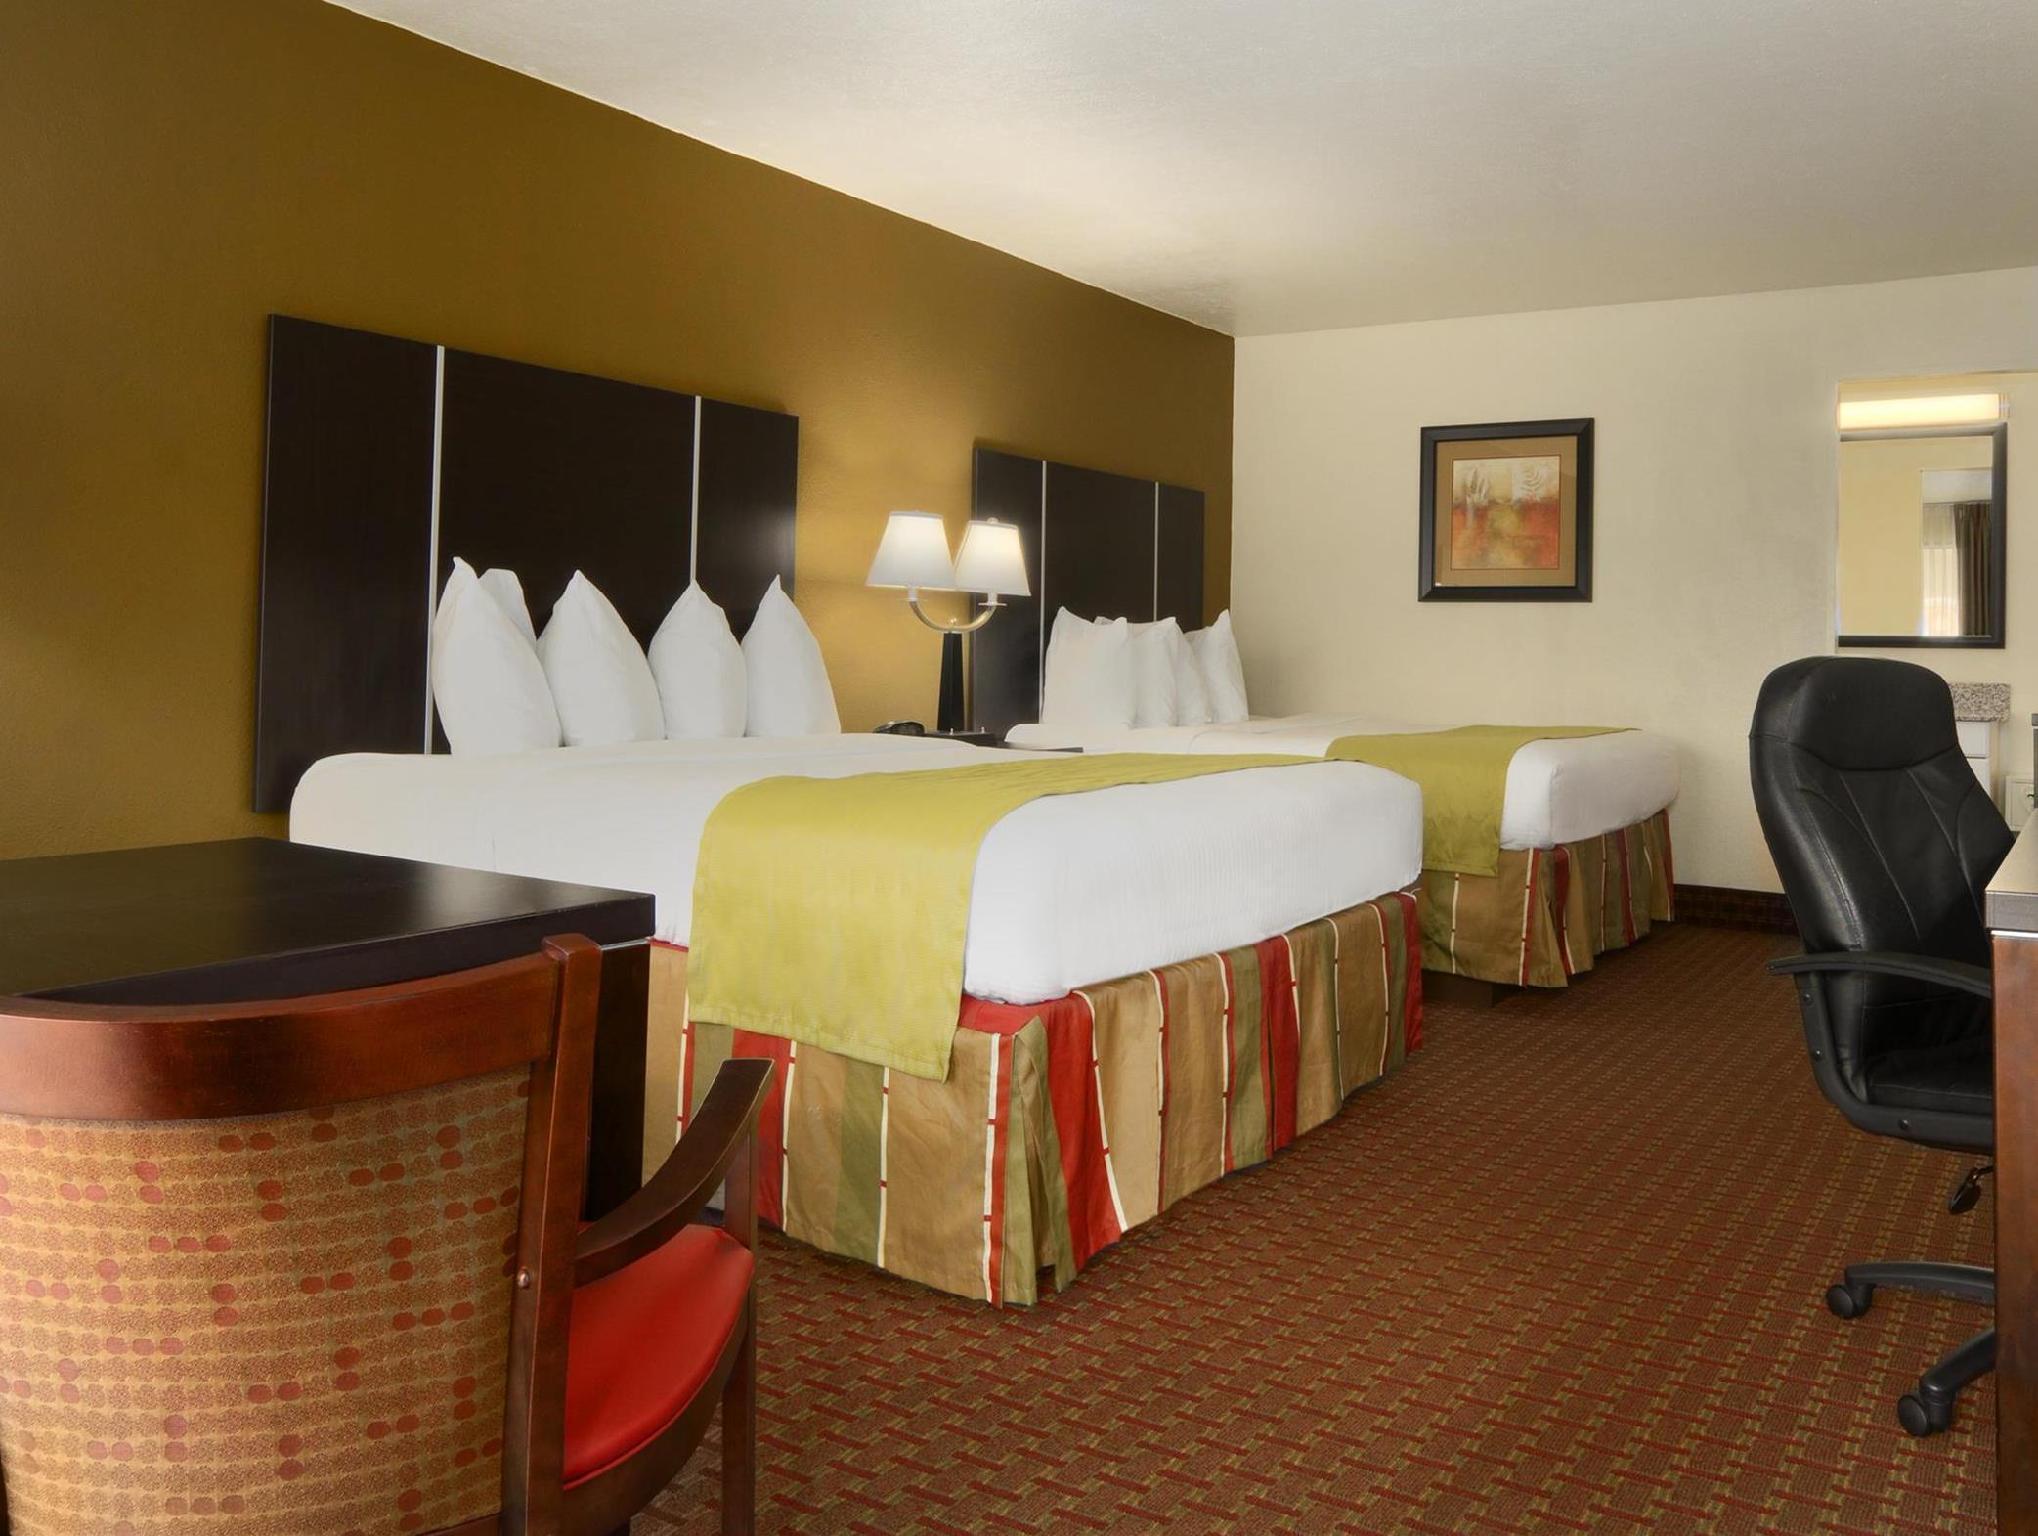 1st Floor 2 Queen Beds Best Western of Asheville Biltmore East